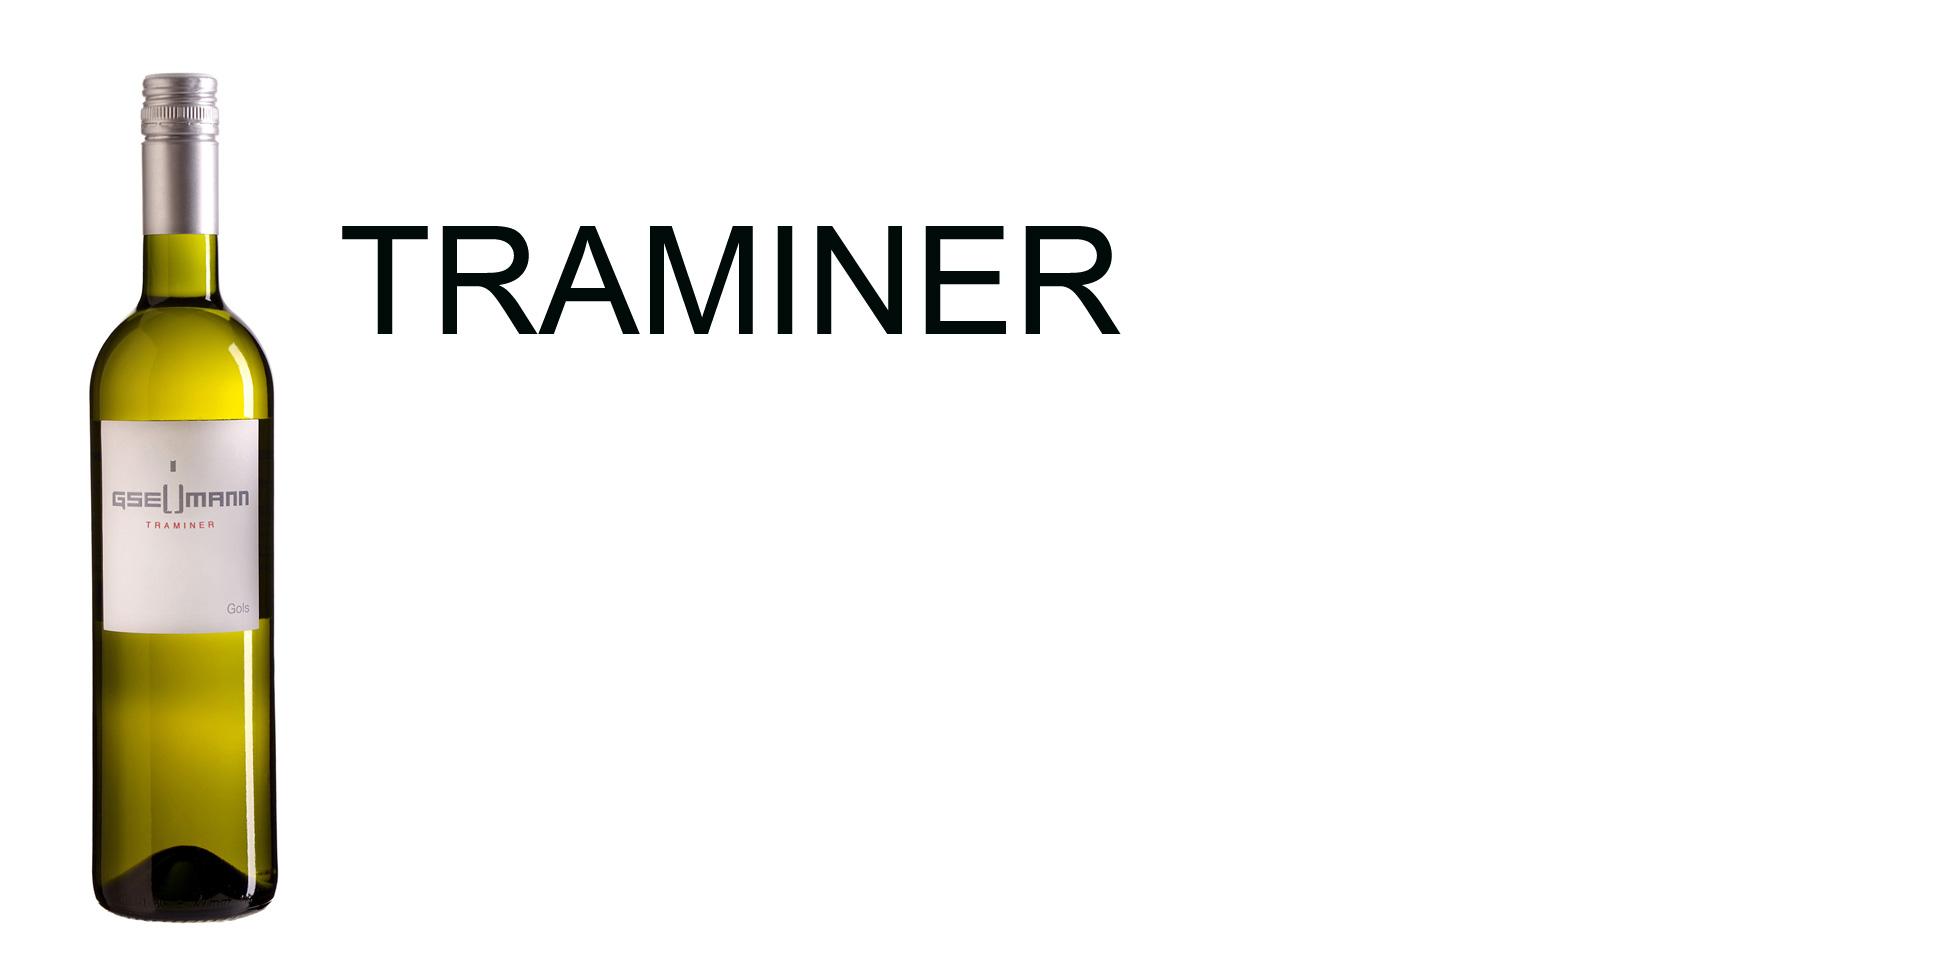 Traminer